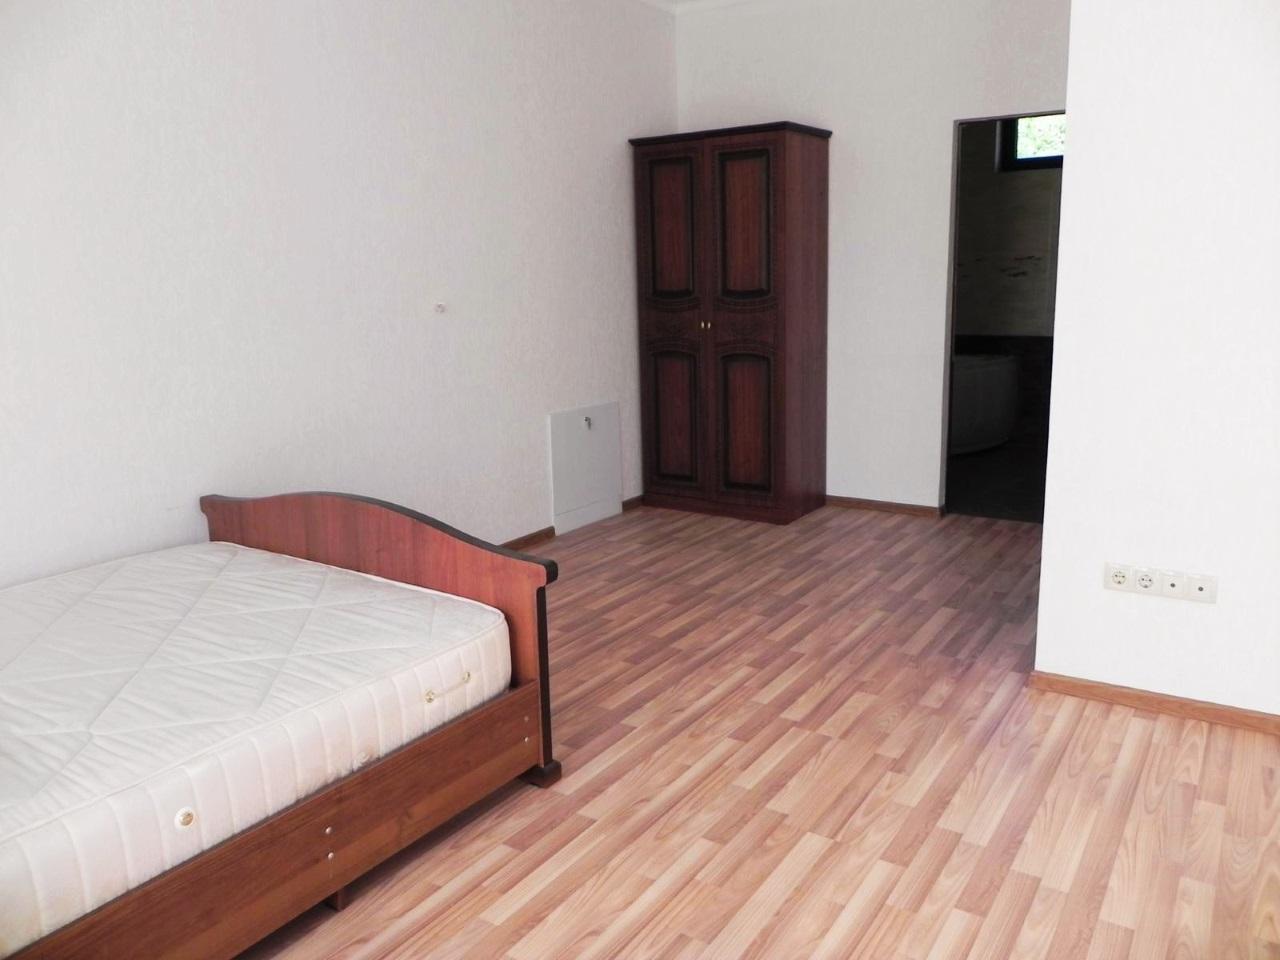 Комната с кроватью и шкафом